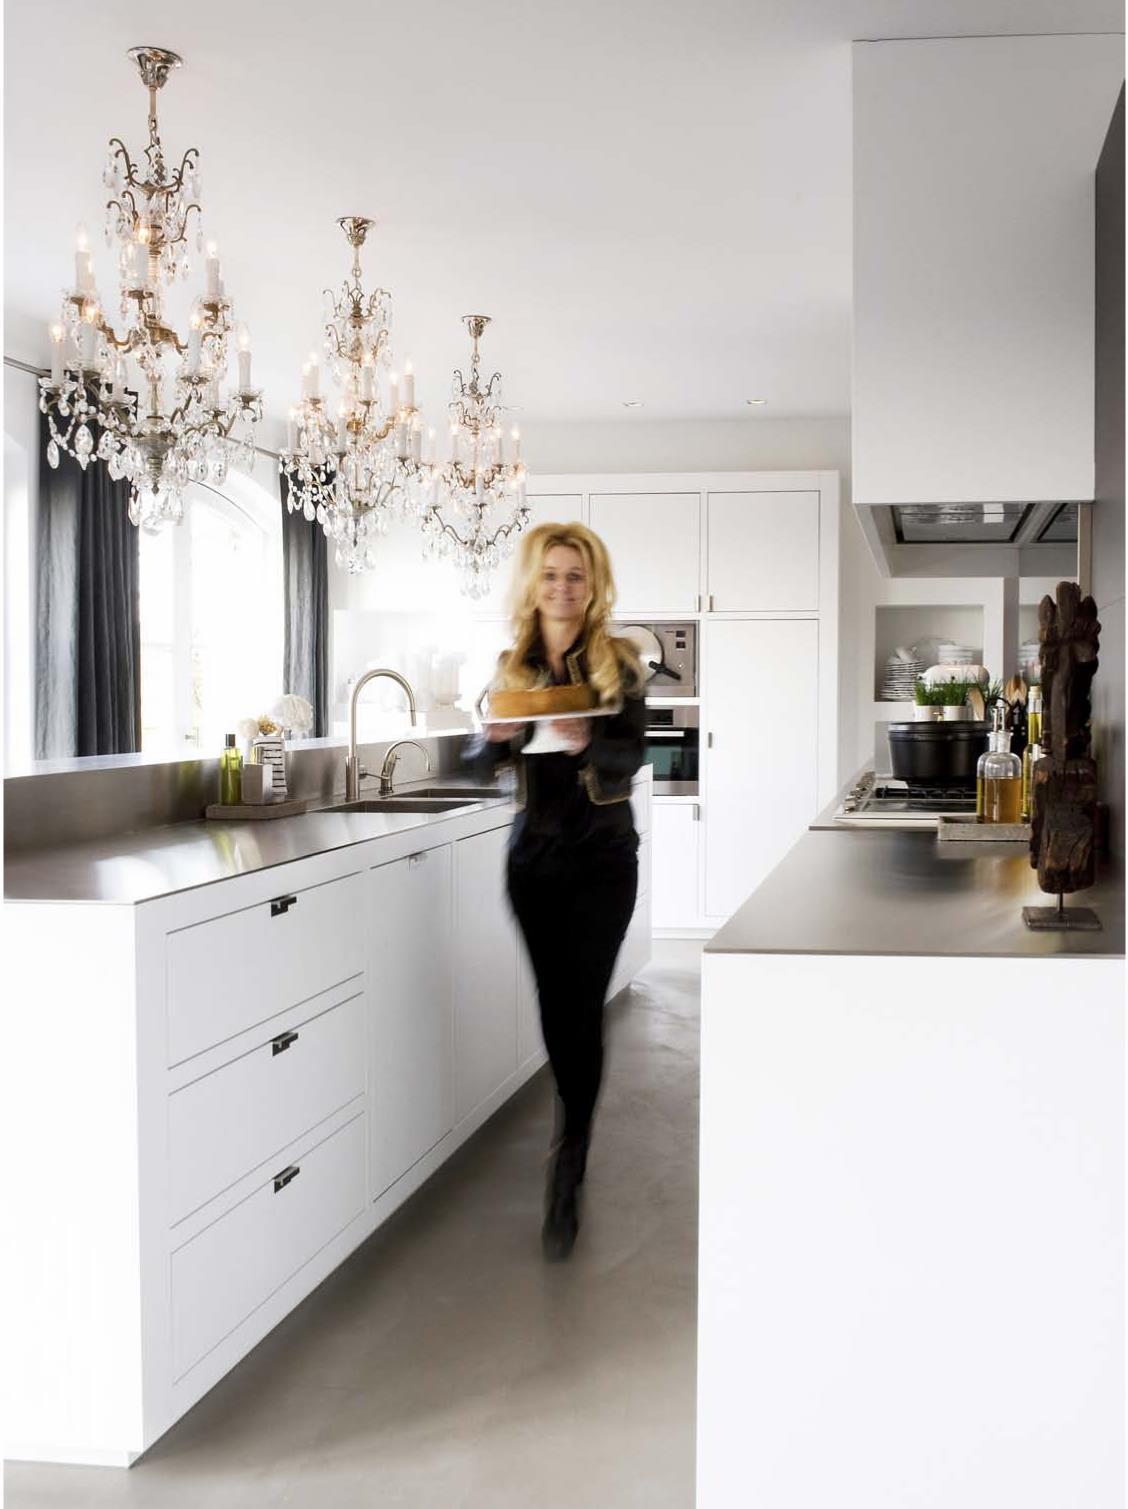 Ikea Keuken Uitbreiden : Keuken Piet Boon Stijl : Strakke moderne maatwerk keuken in Piet boon